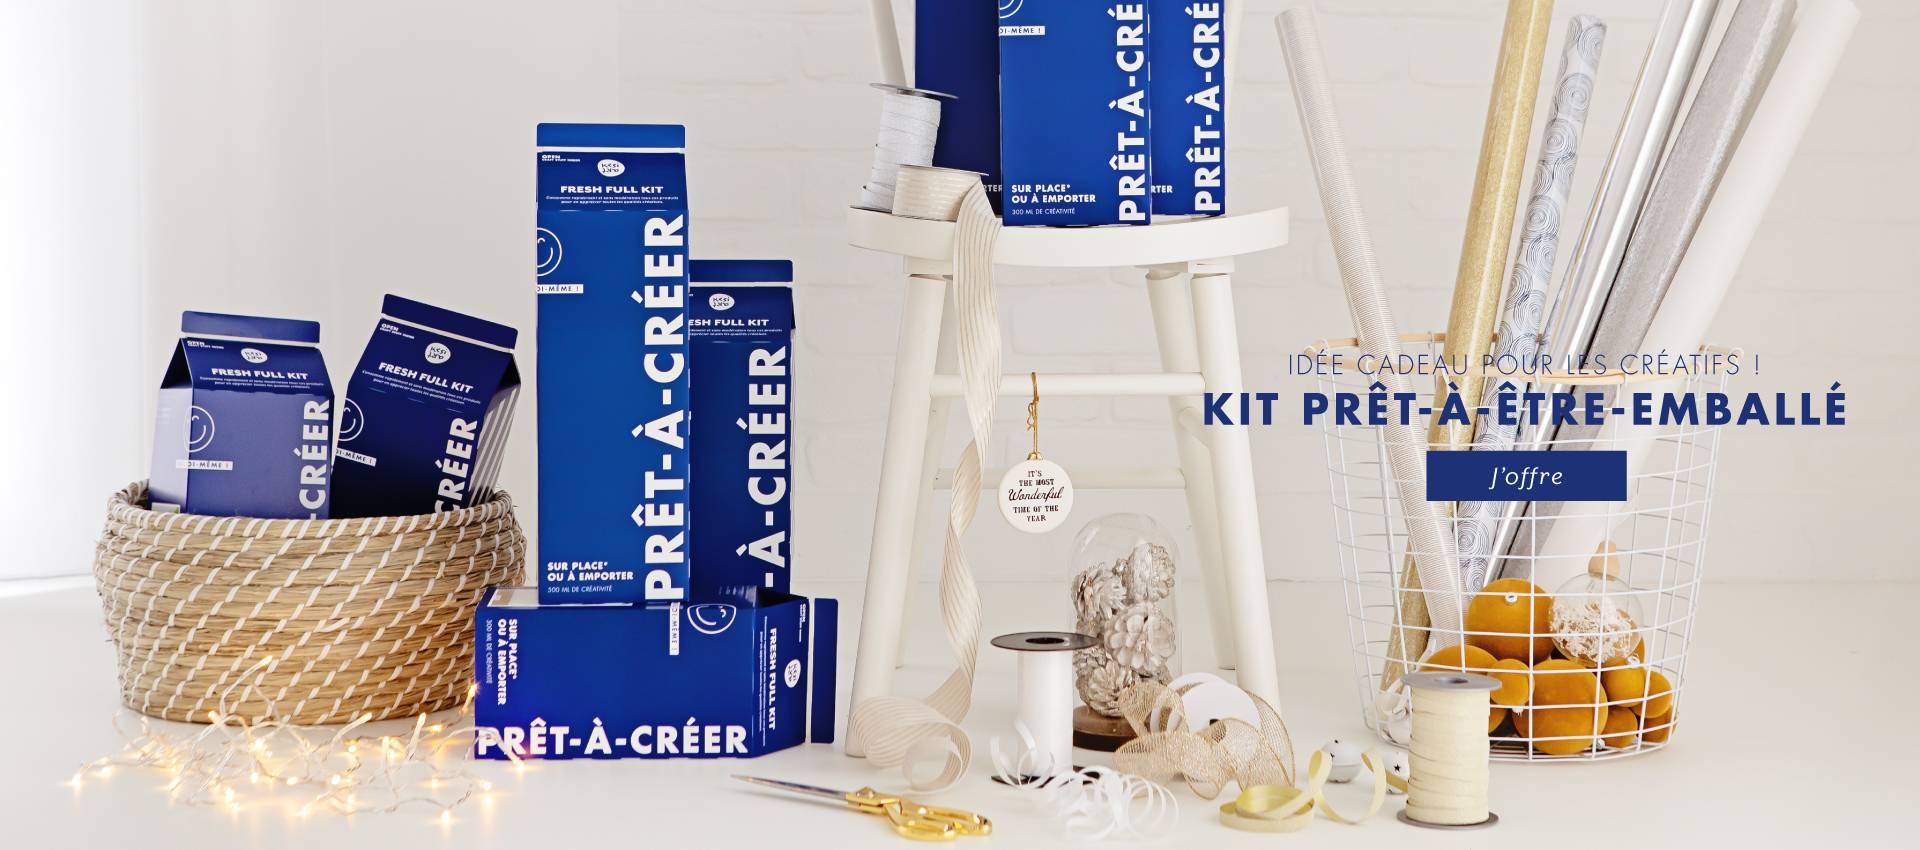 Kits prêts-à-être-emballés : la bonne idée cadeau pour tous les créatifs !